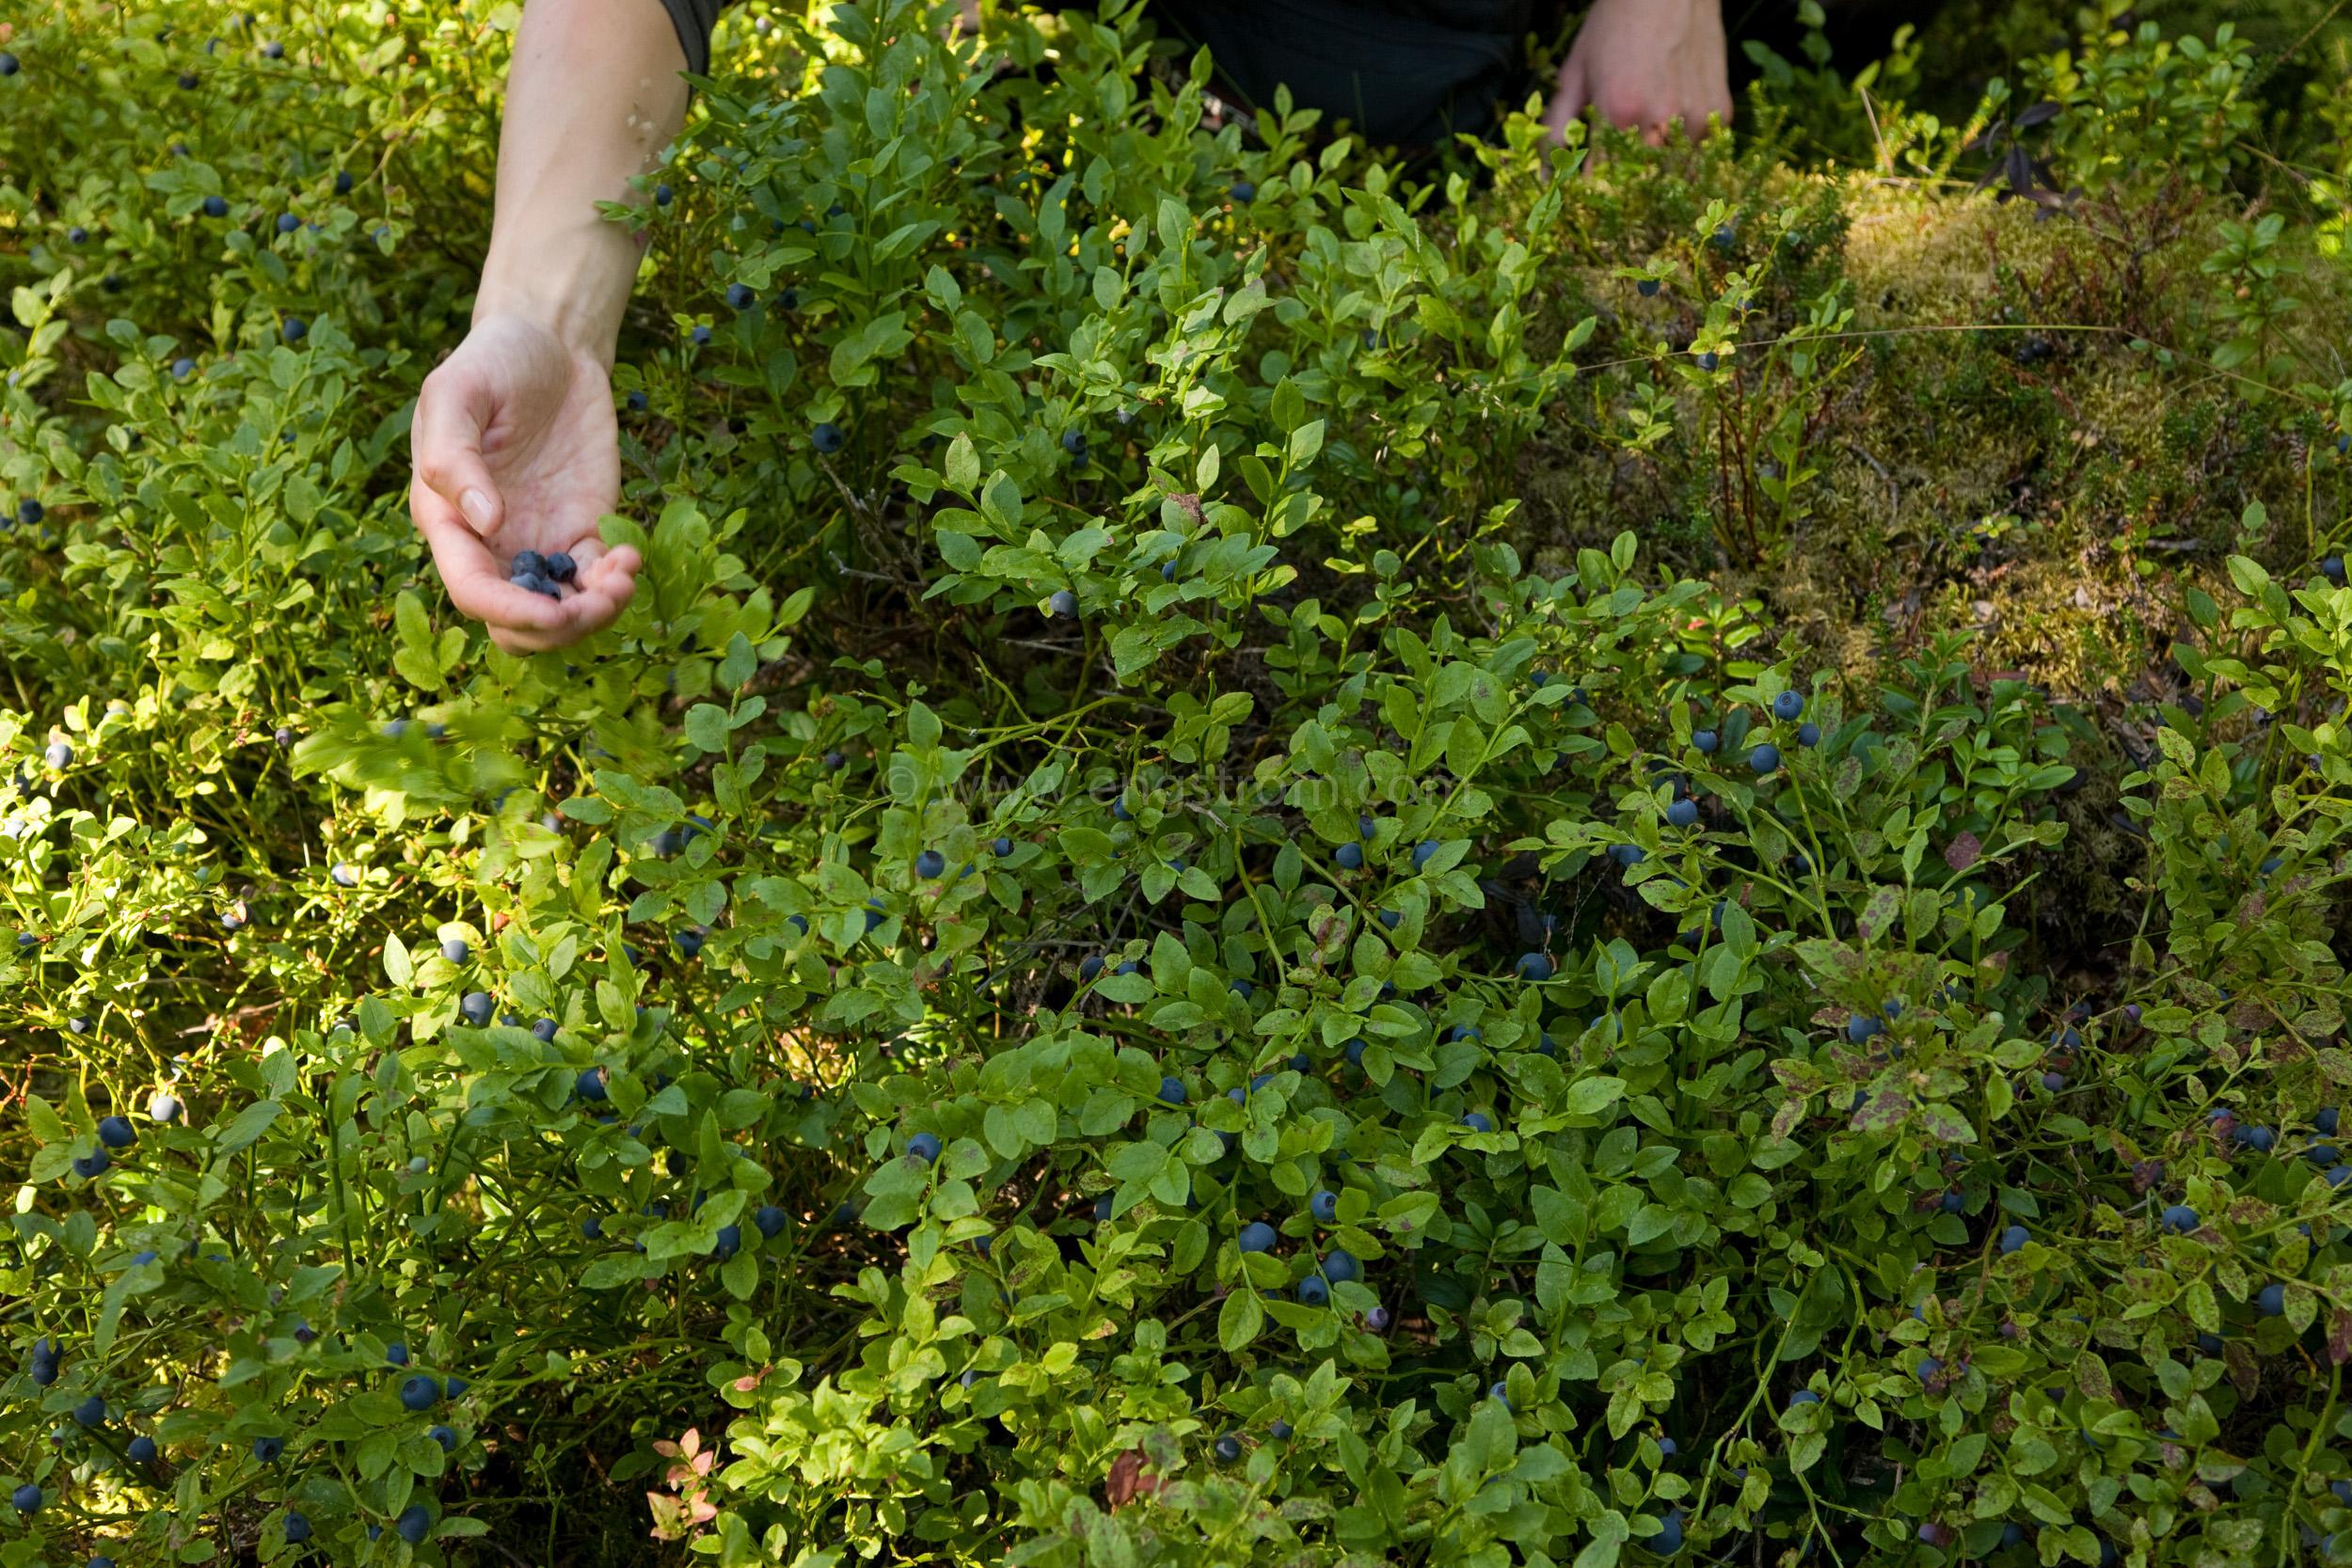 JE_65745, Mycket blåbär, Jonas Engström